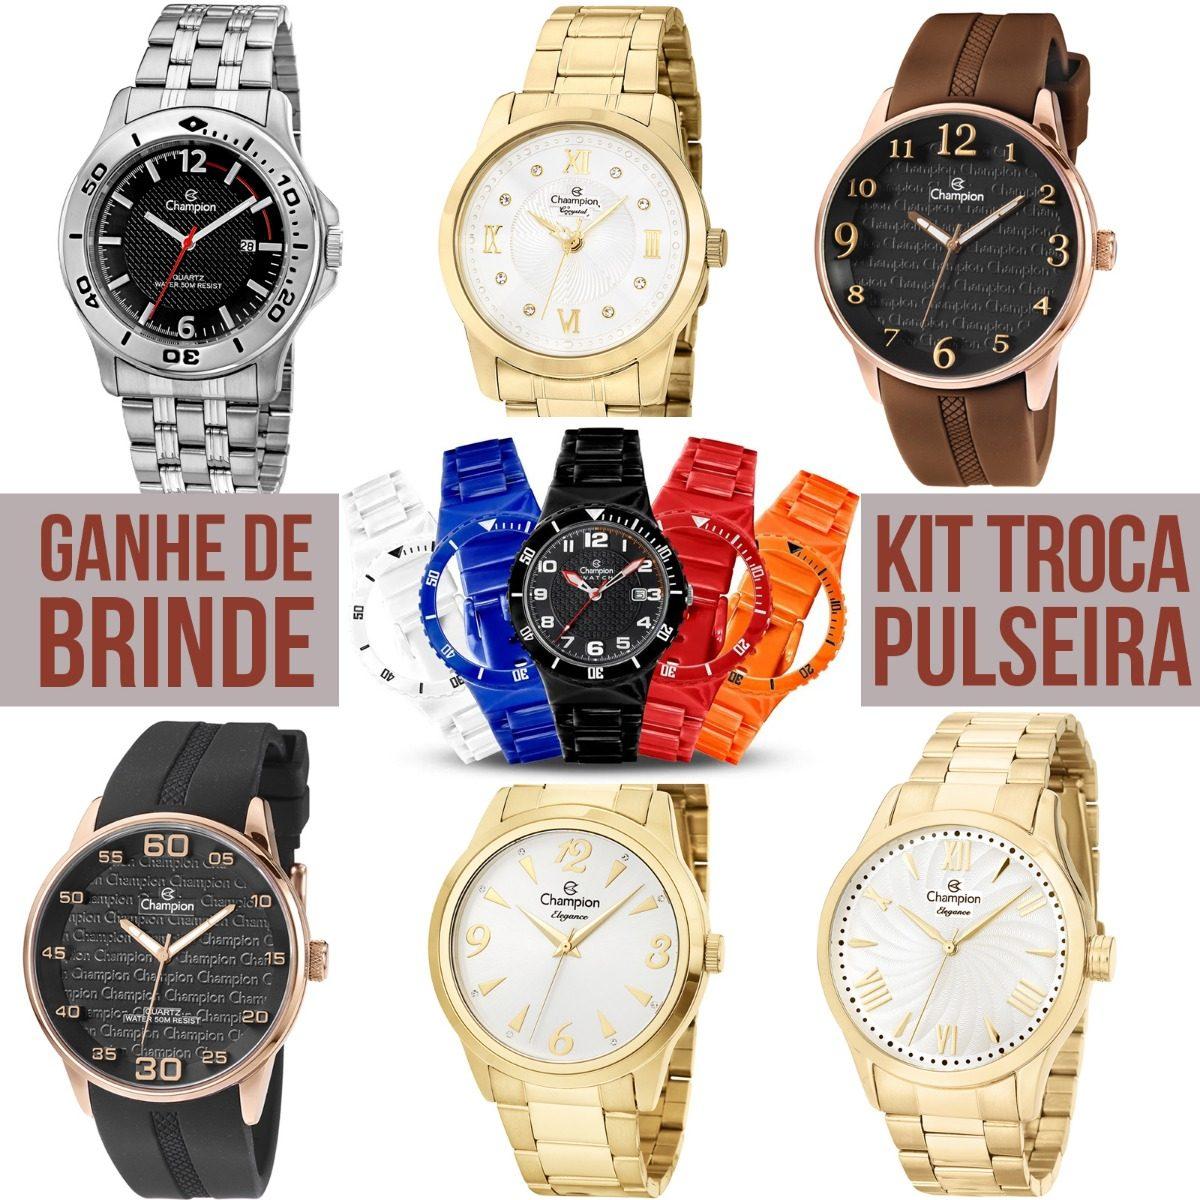 88781dfcd91 Kit Atacado 6 Relógios Feminino E Masculino + Troca Pulseira - R ...